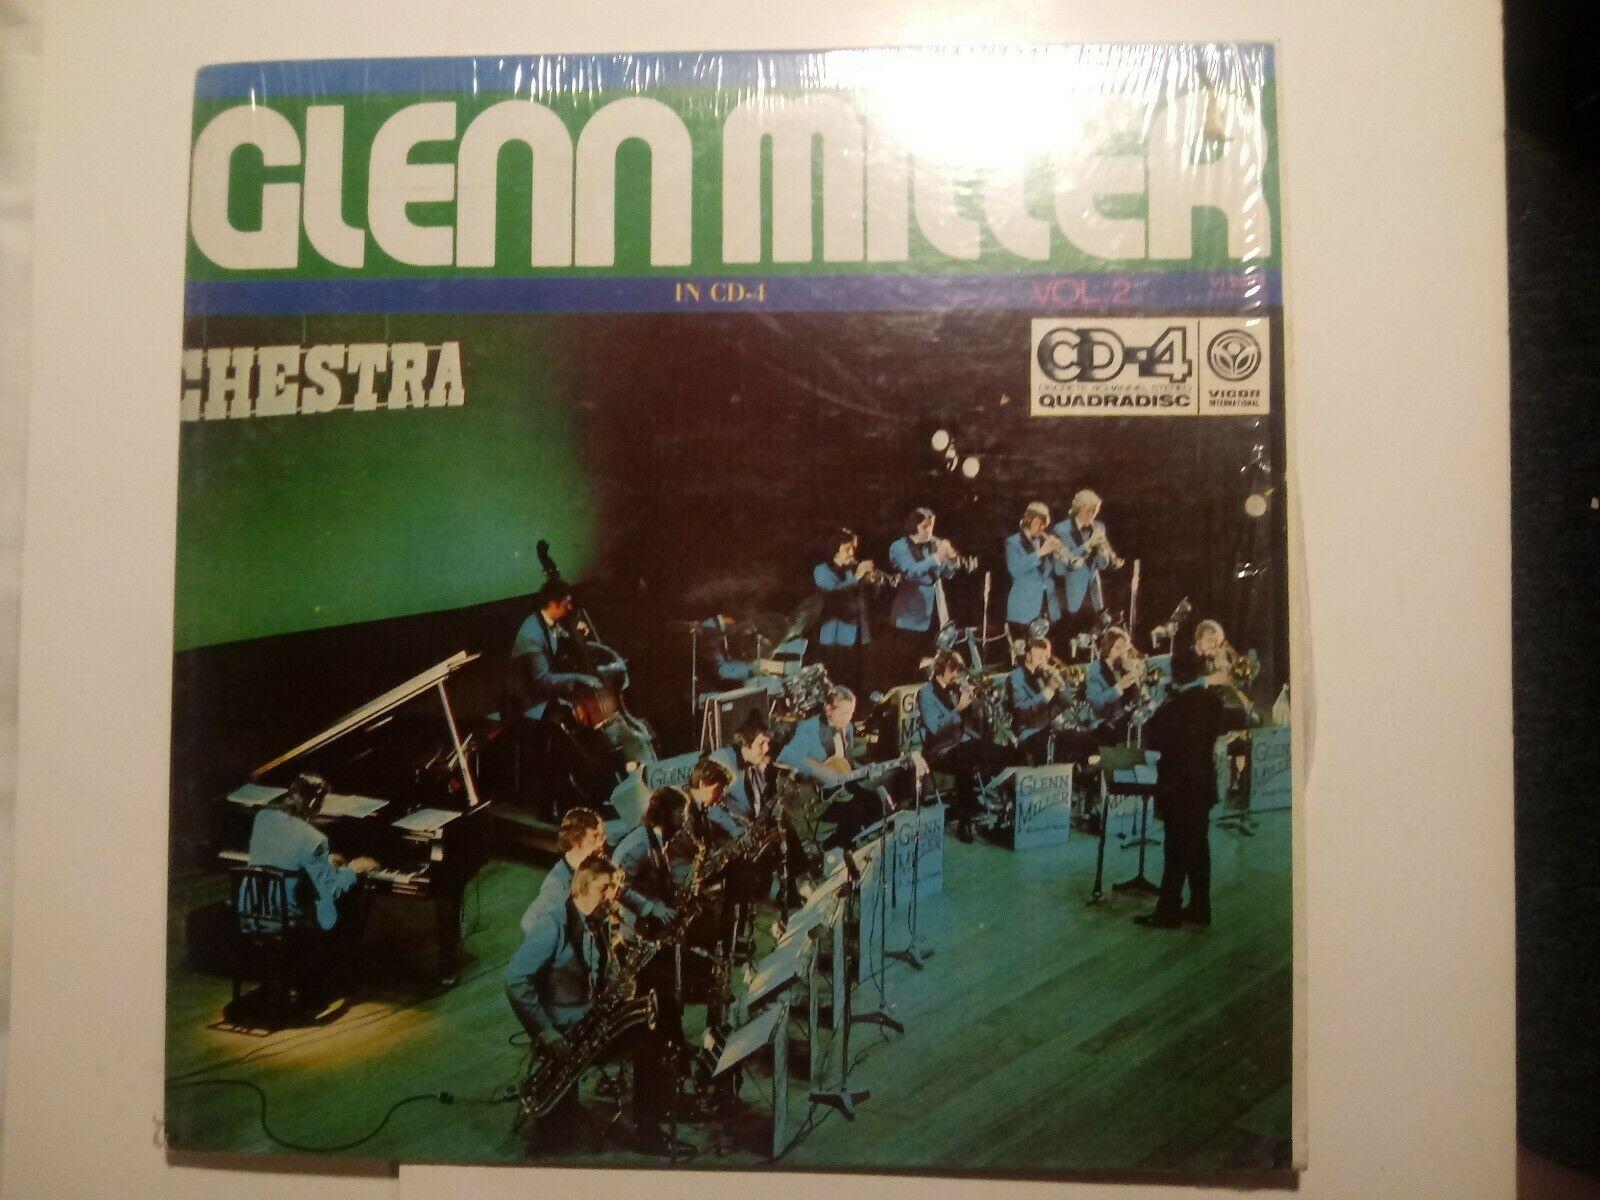 GLENN MILLER & ORCHESTRA -All About Glen Miller In CD-4 Vol. 2. Vicor International VI-2065 (C...jpg